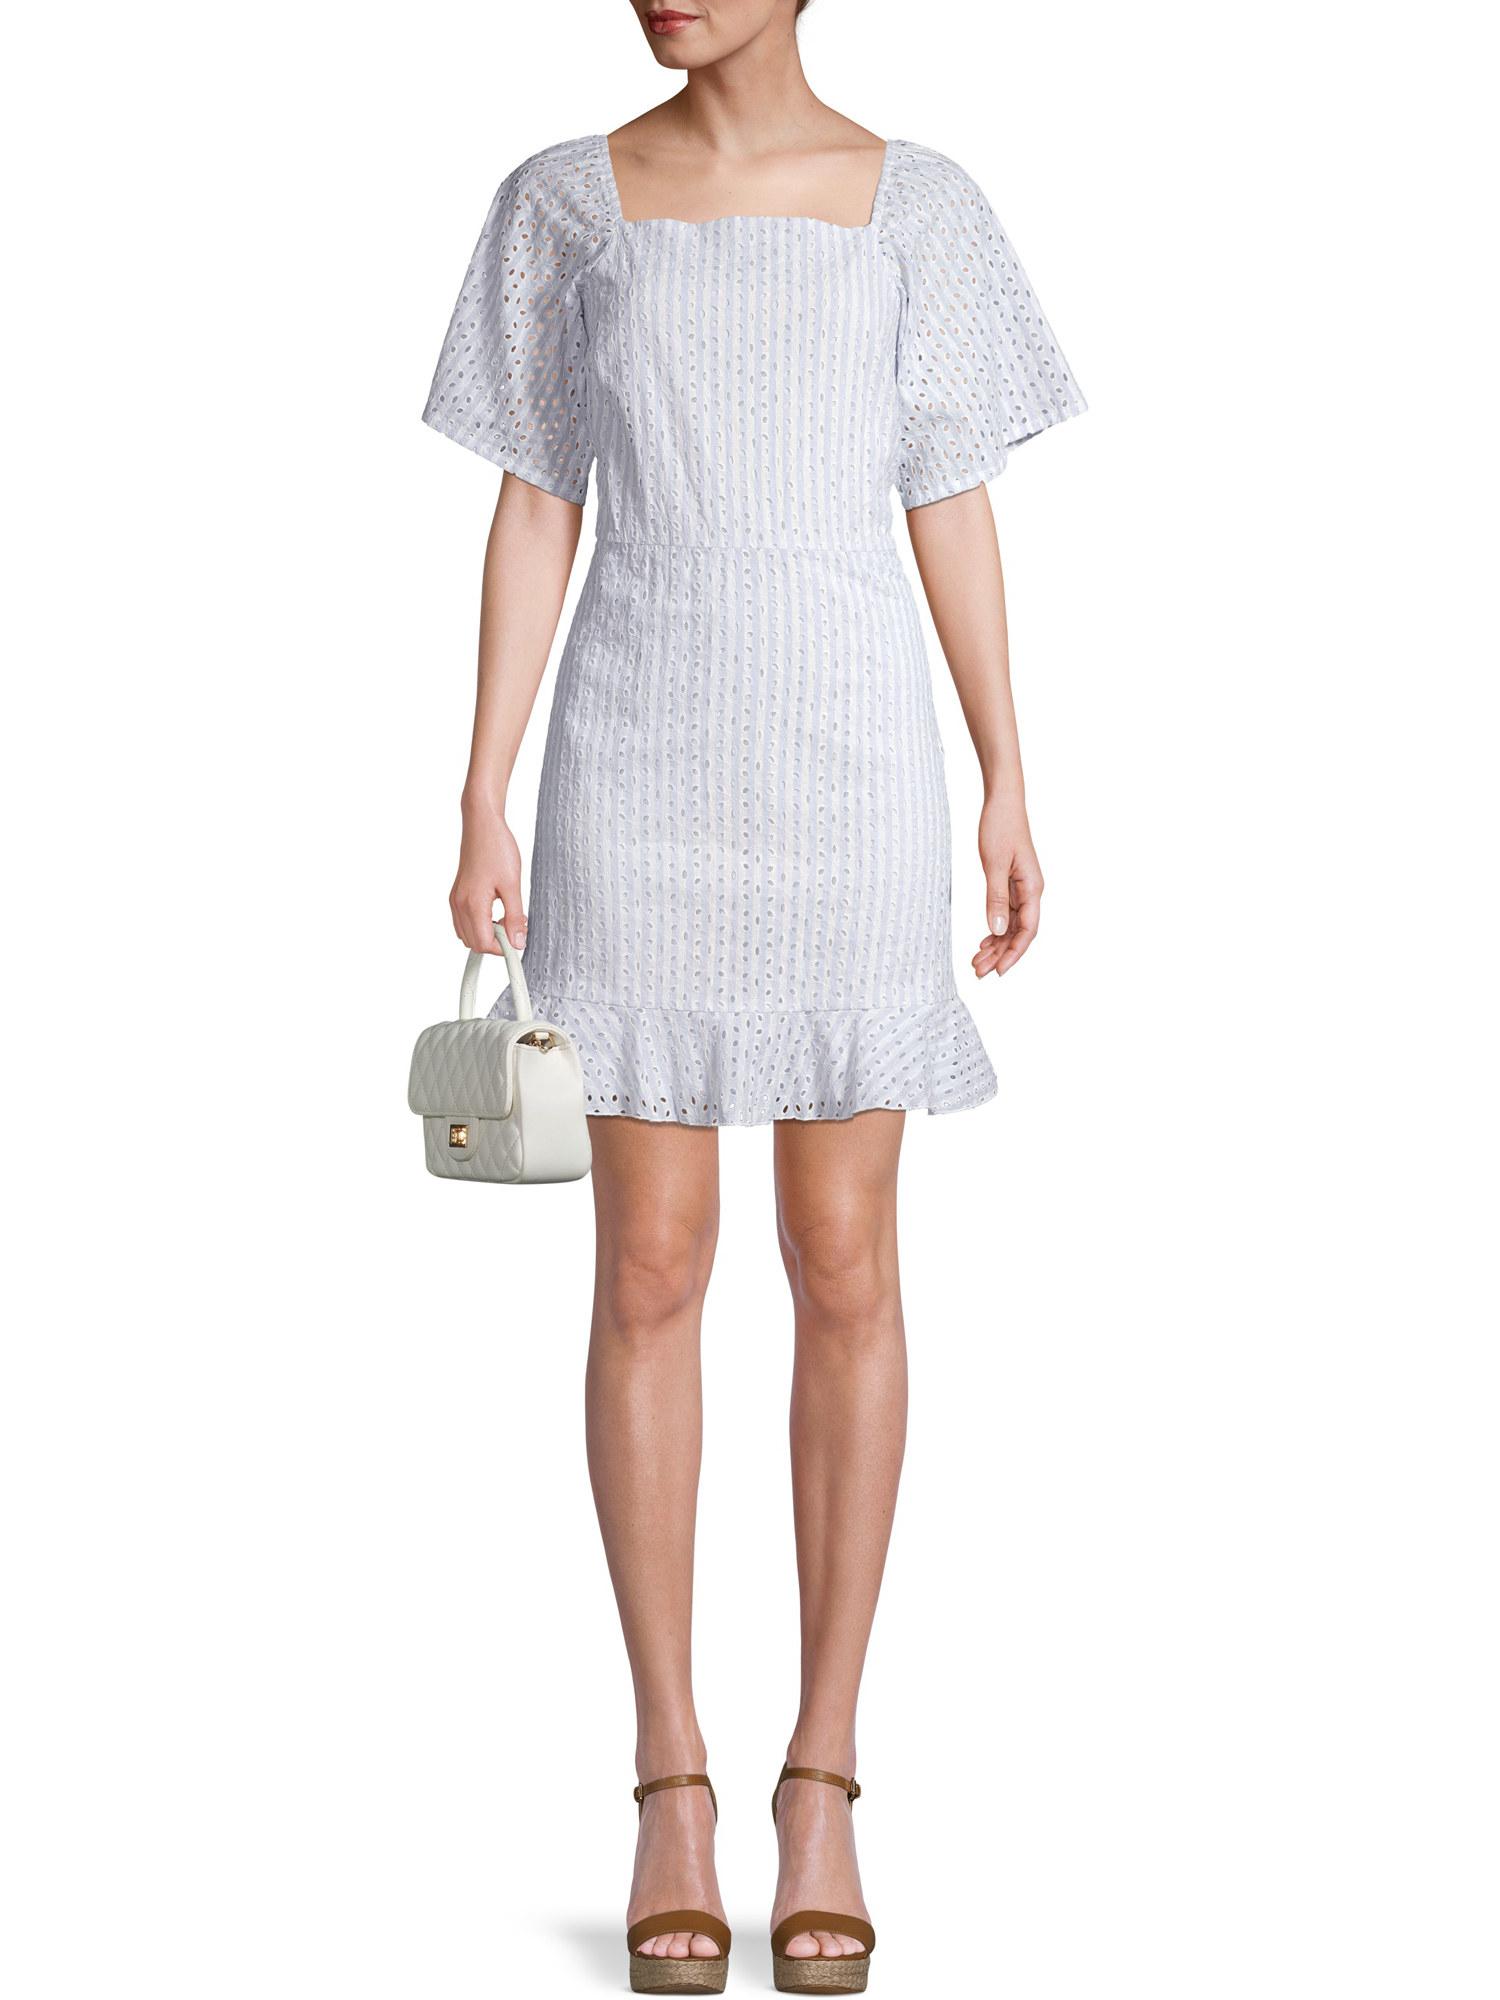 model in white eyelet dress with ruffled hem